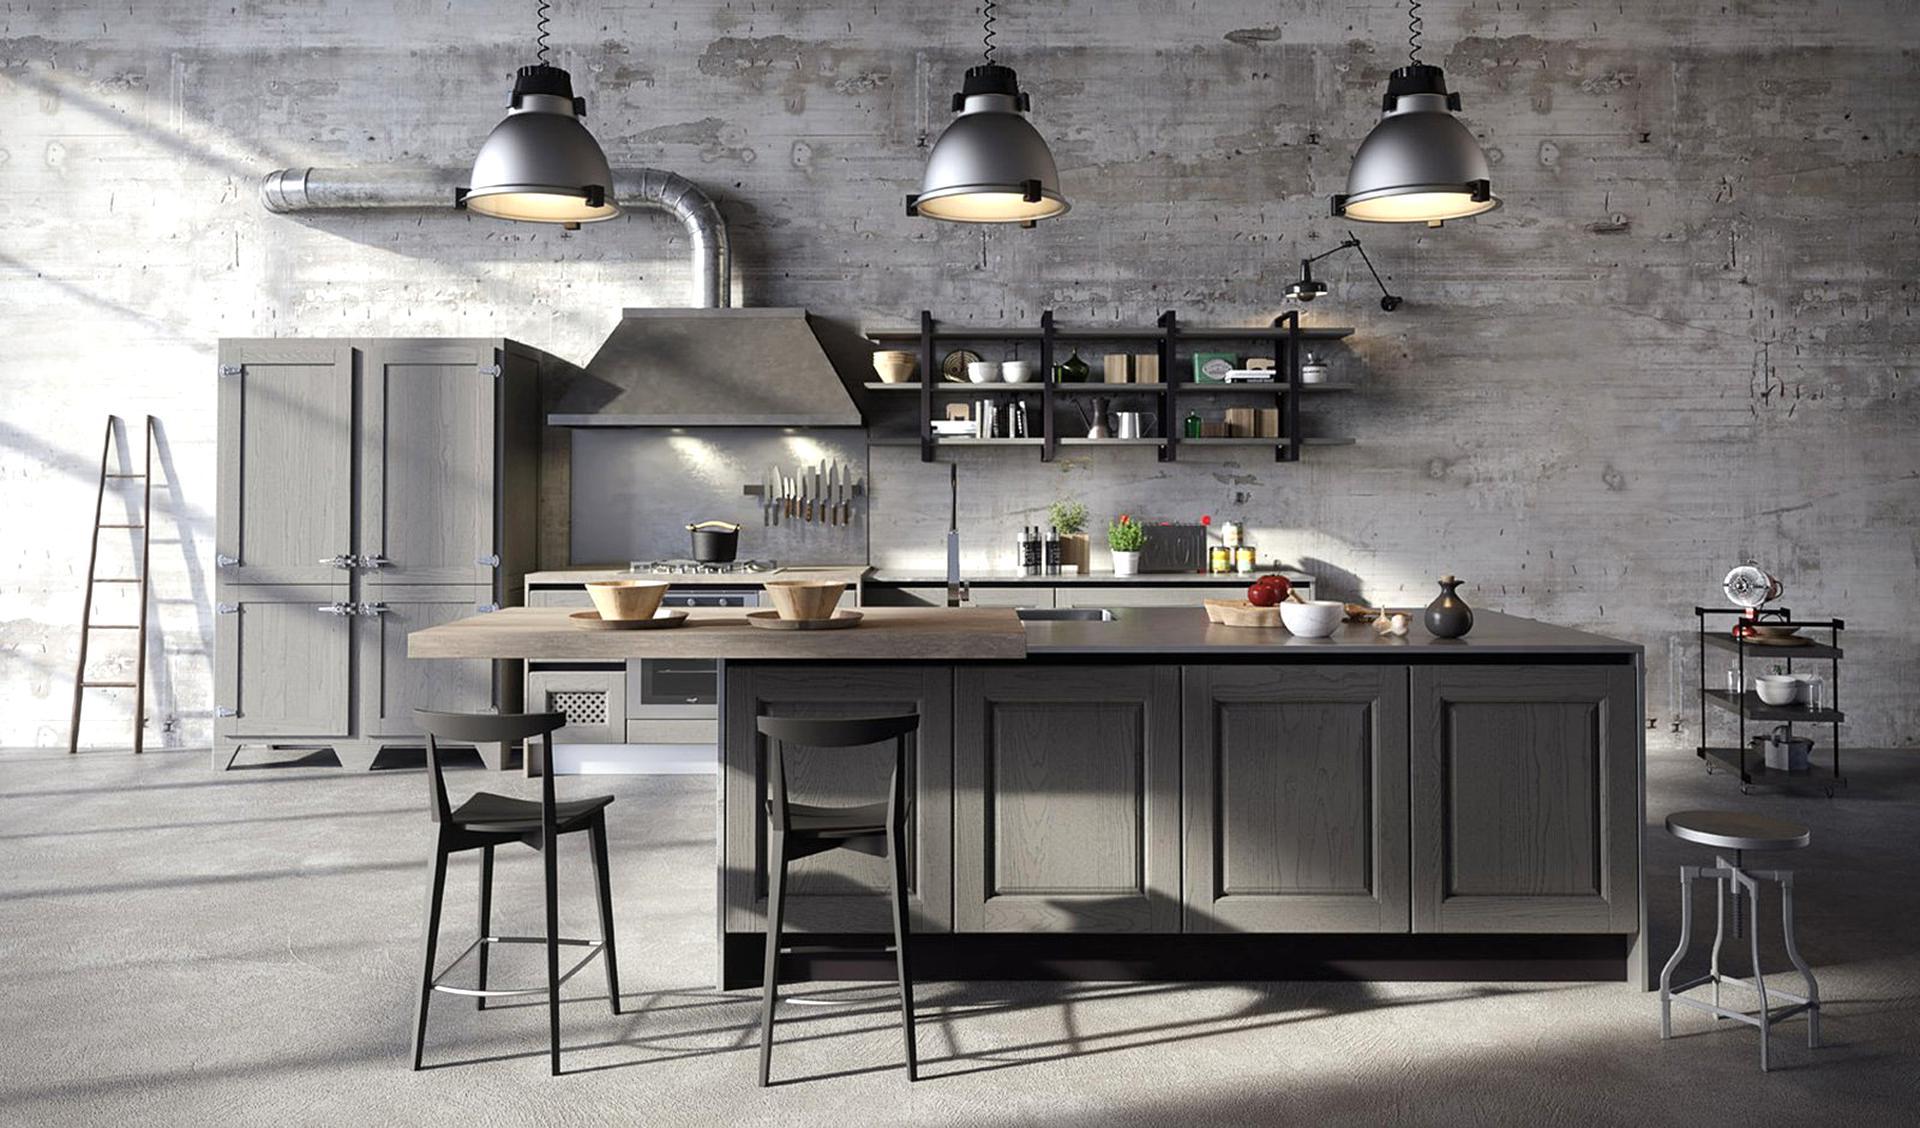 Cappa Industriale Cucina Usato In Italia Vedi Tutte I 12 Prezzi